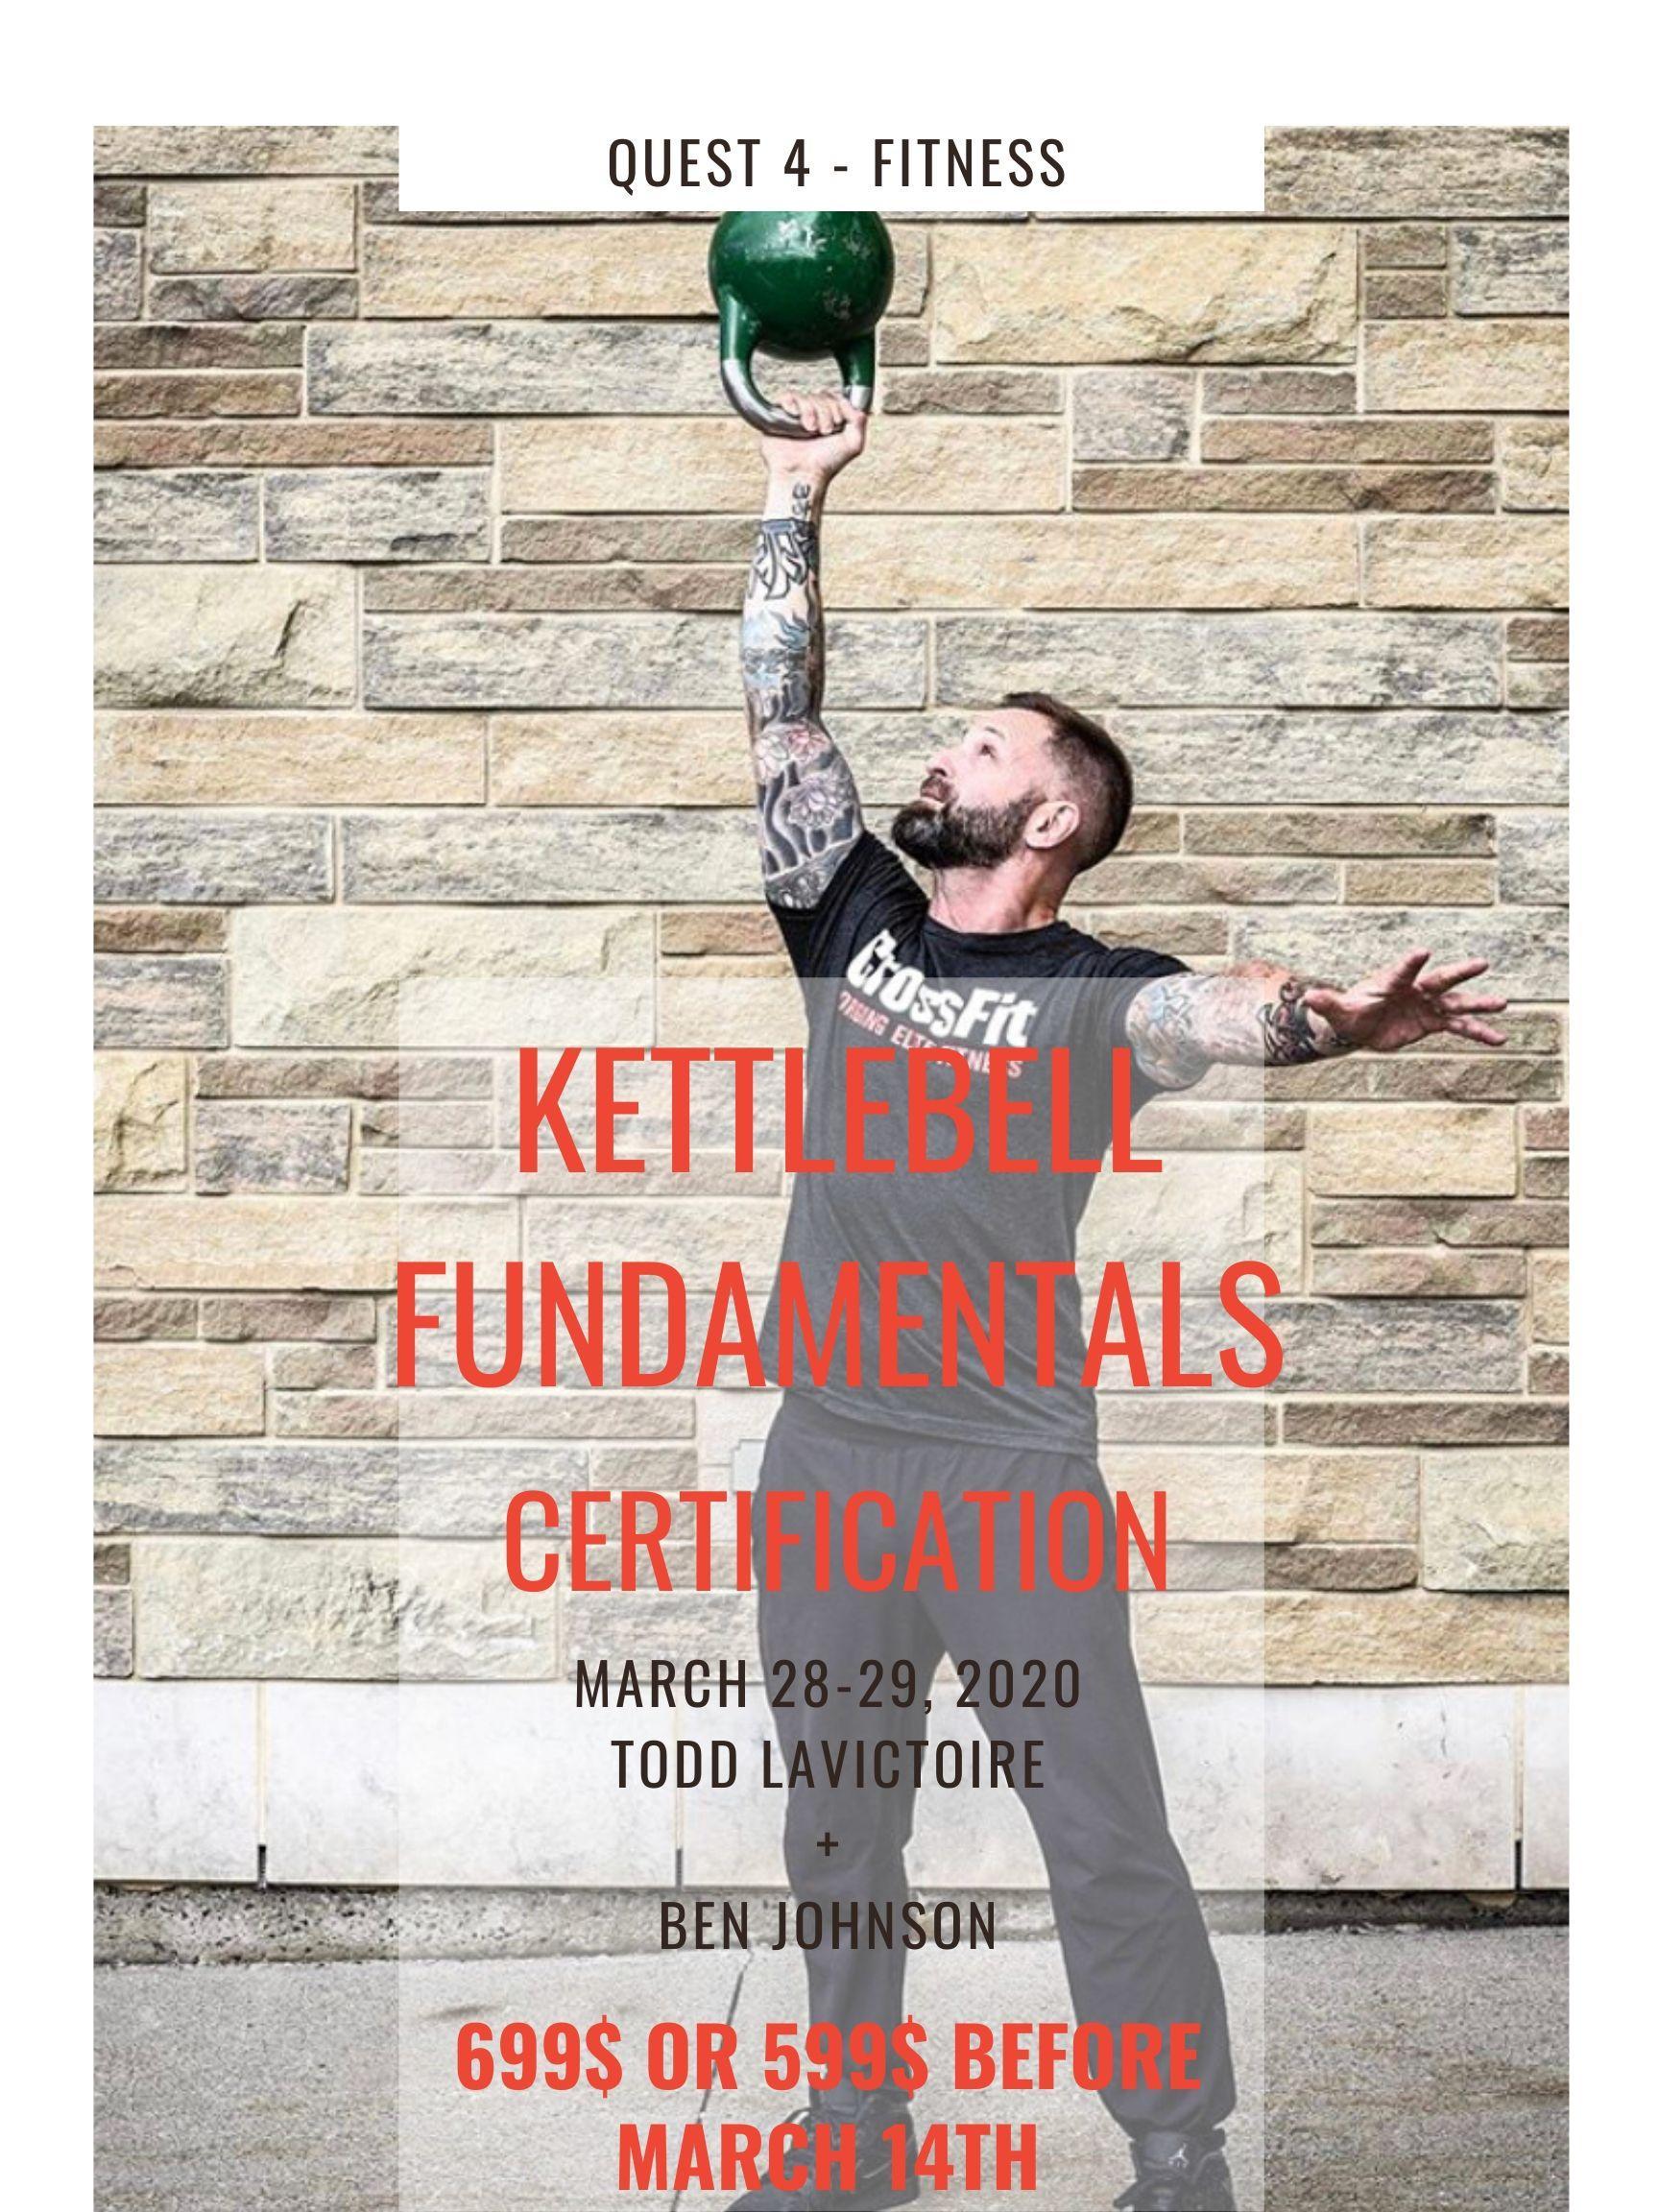 Kettlebell Fundamentals Certification